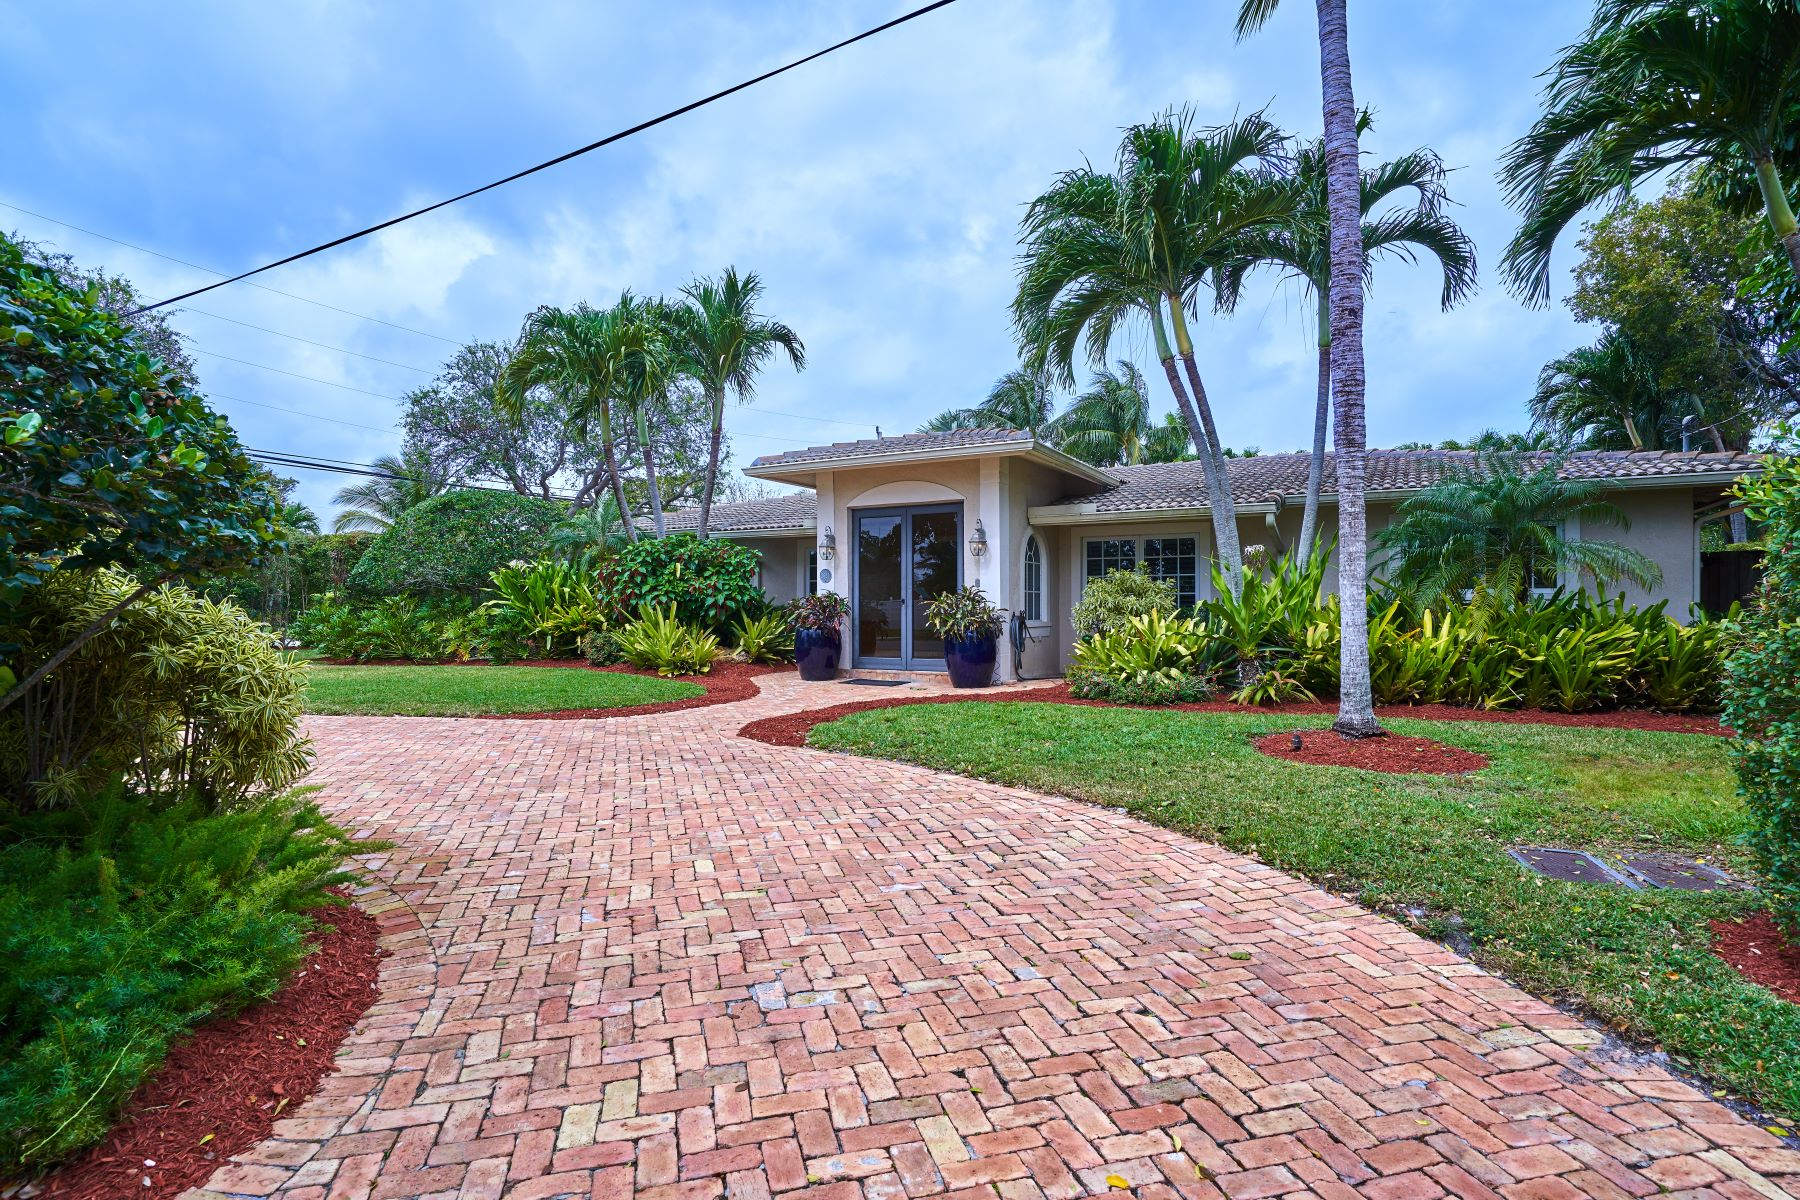 獨棟家庭住宅 為 出售 在 2625 Ne 26th Pl Fort Lauderdale, 佛羅里達州, 33306 美國